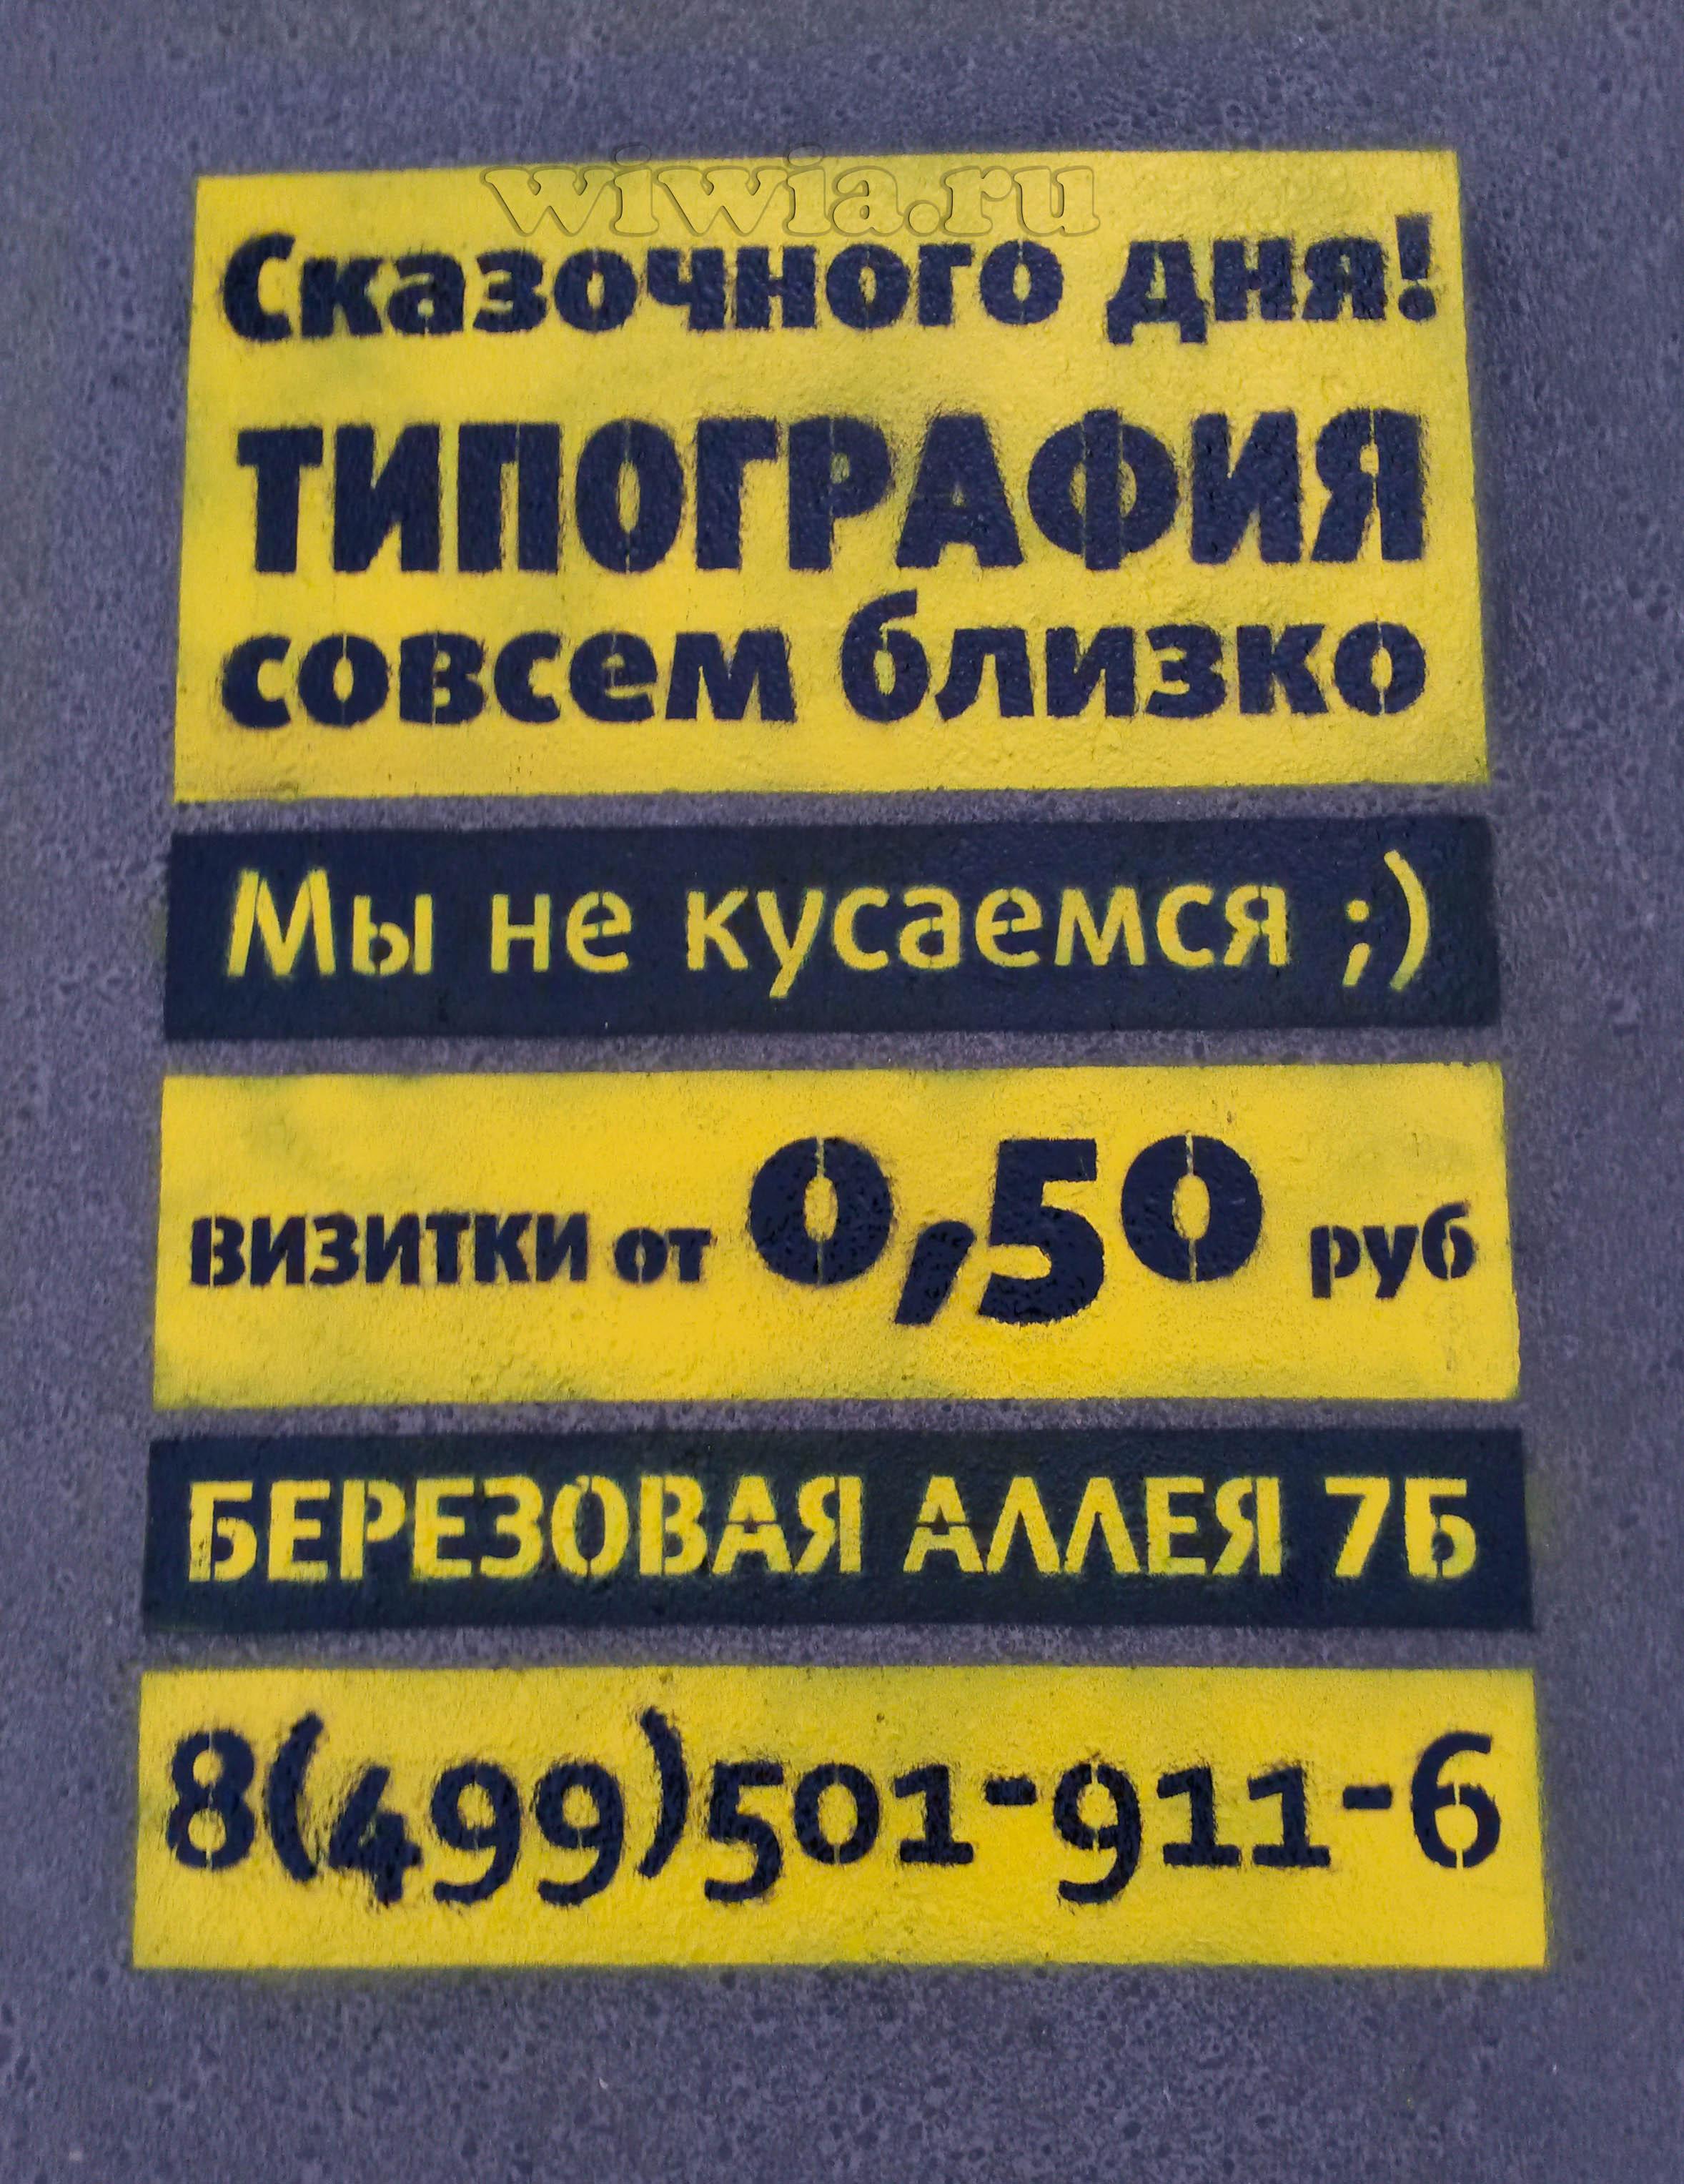 Реклама на асфальте для типографии.